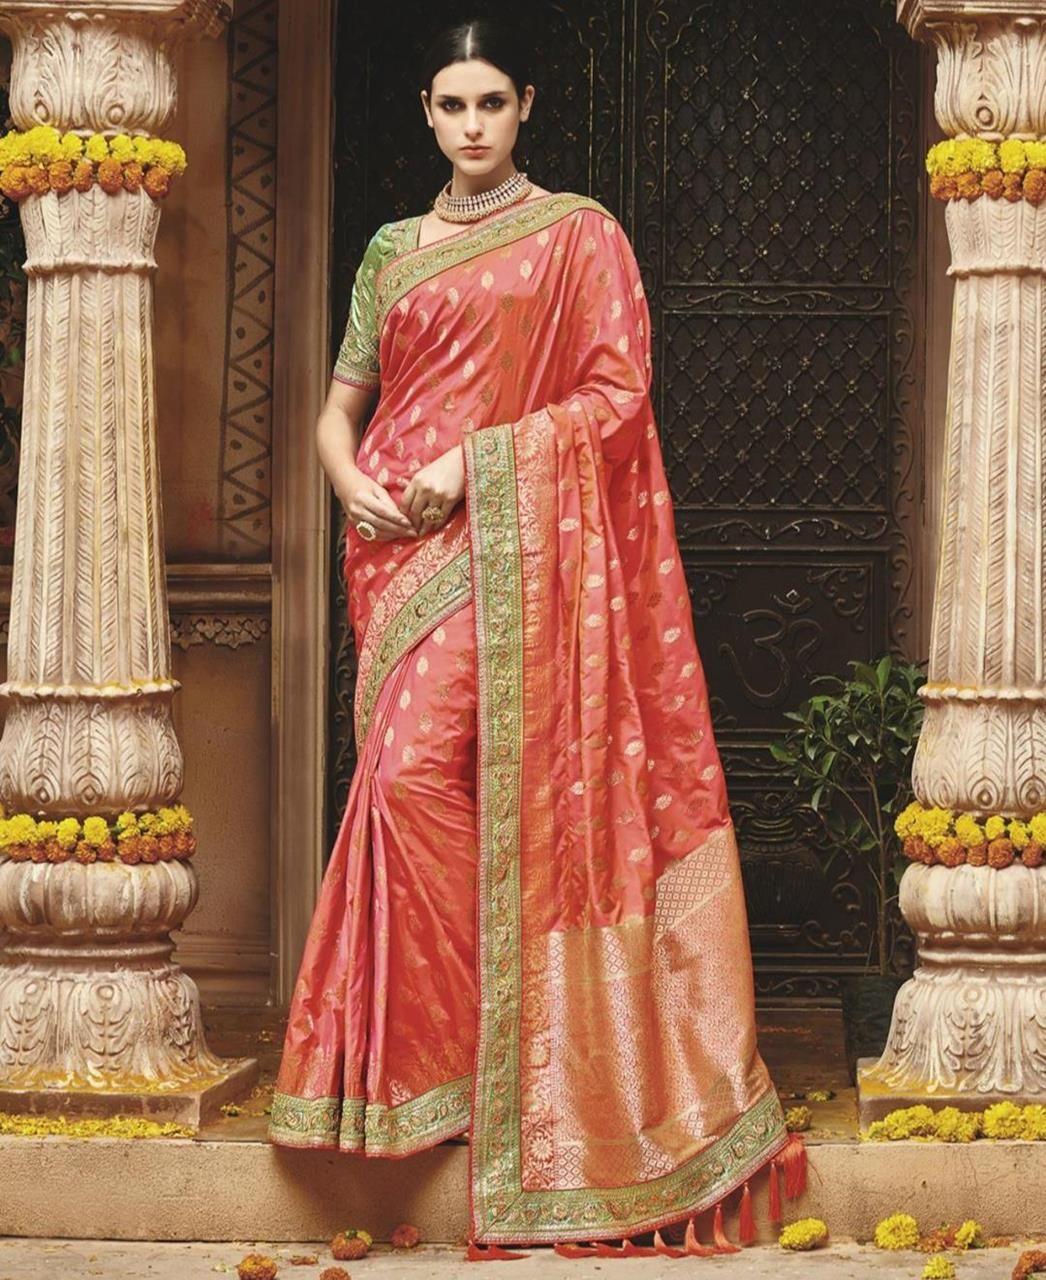 b6879e90f6 Pin by Jyoti yadav on Silk sarees | Saree wedding, Silk sarees, Saree